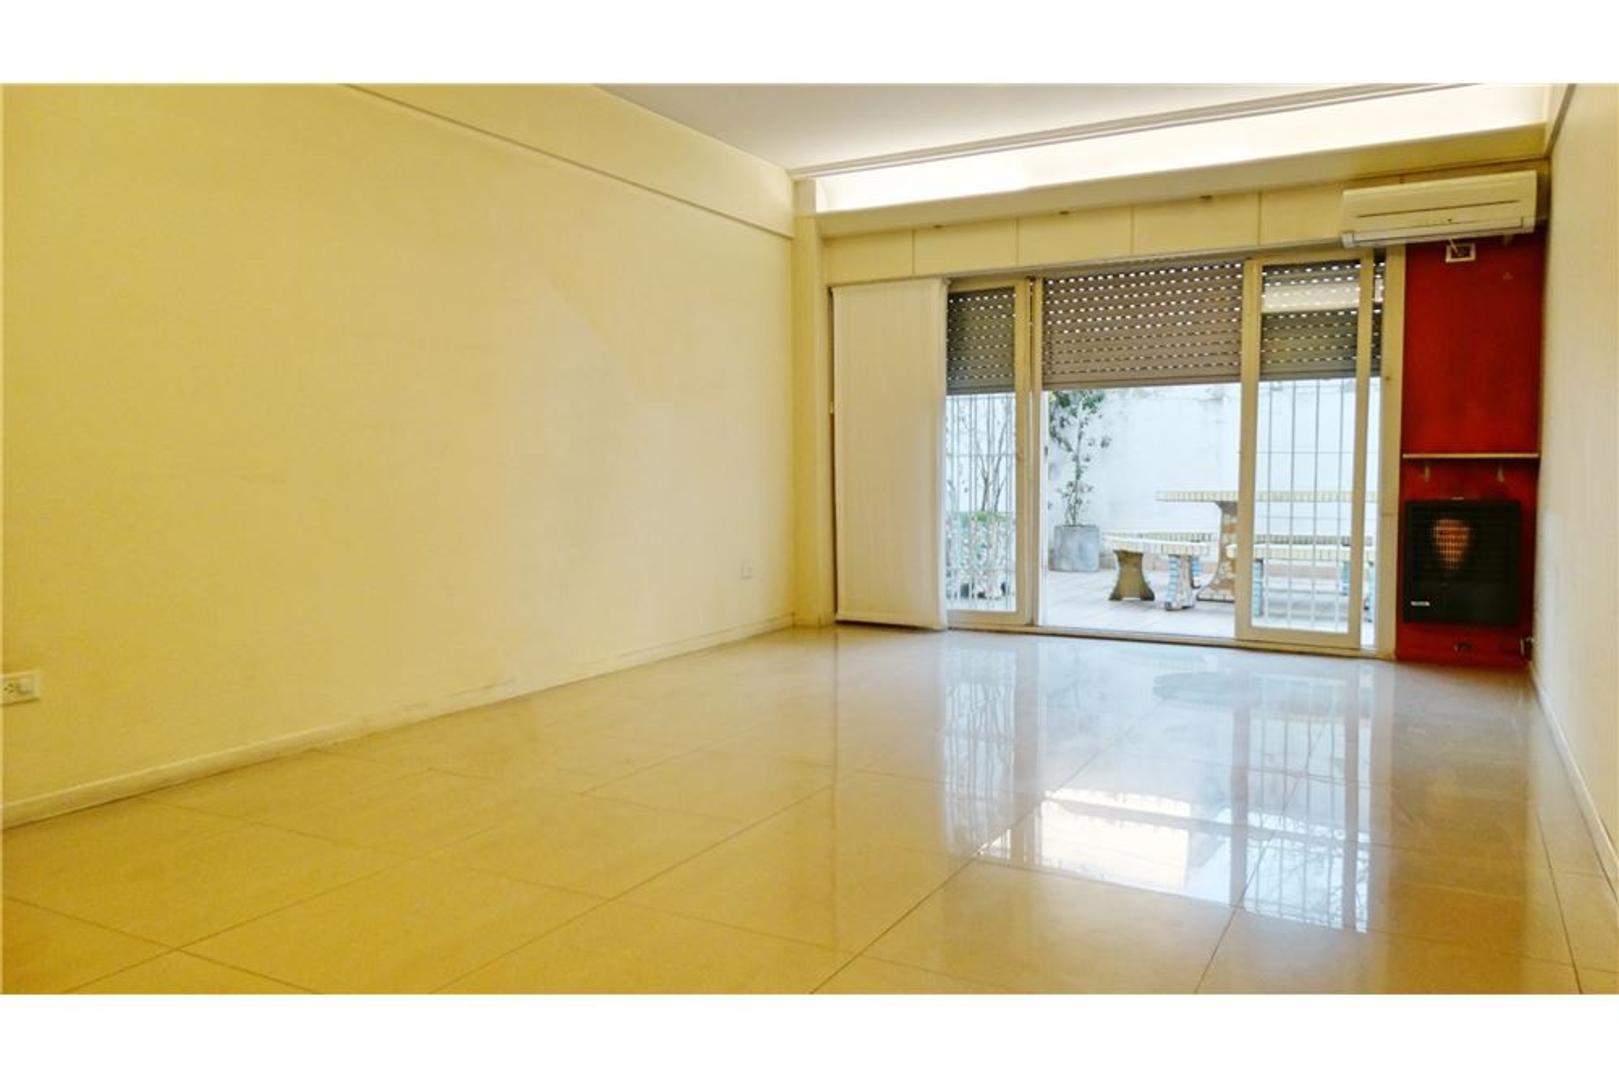 Departamento en Venta - 3 ambientes - USD 210.000